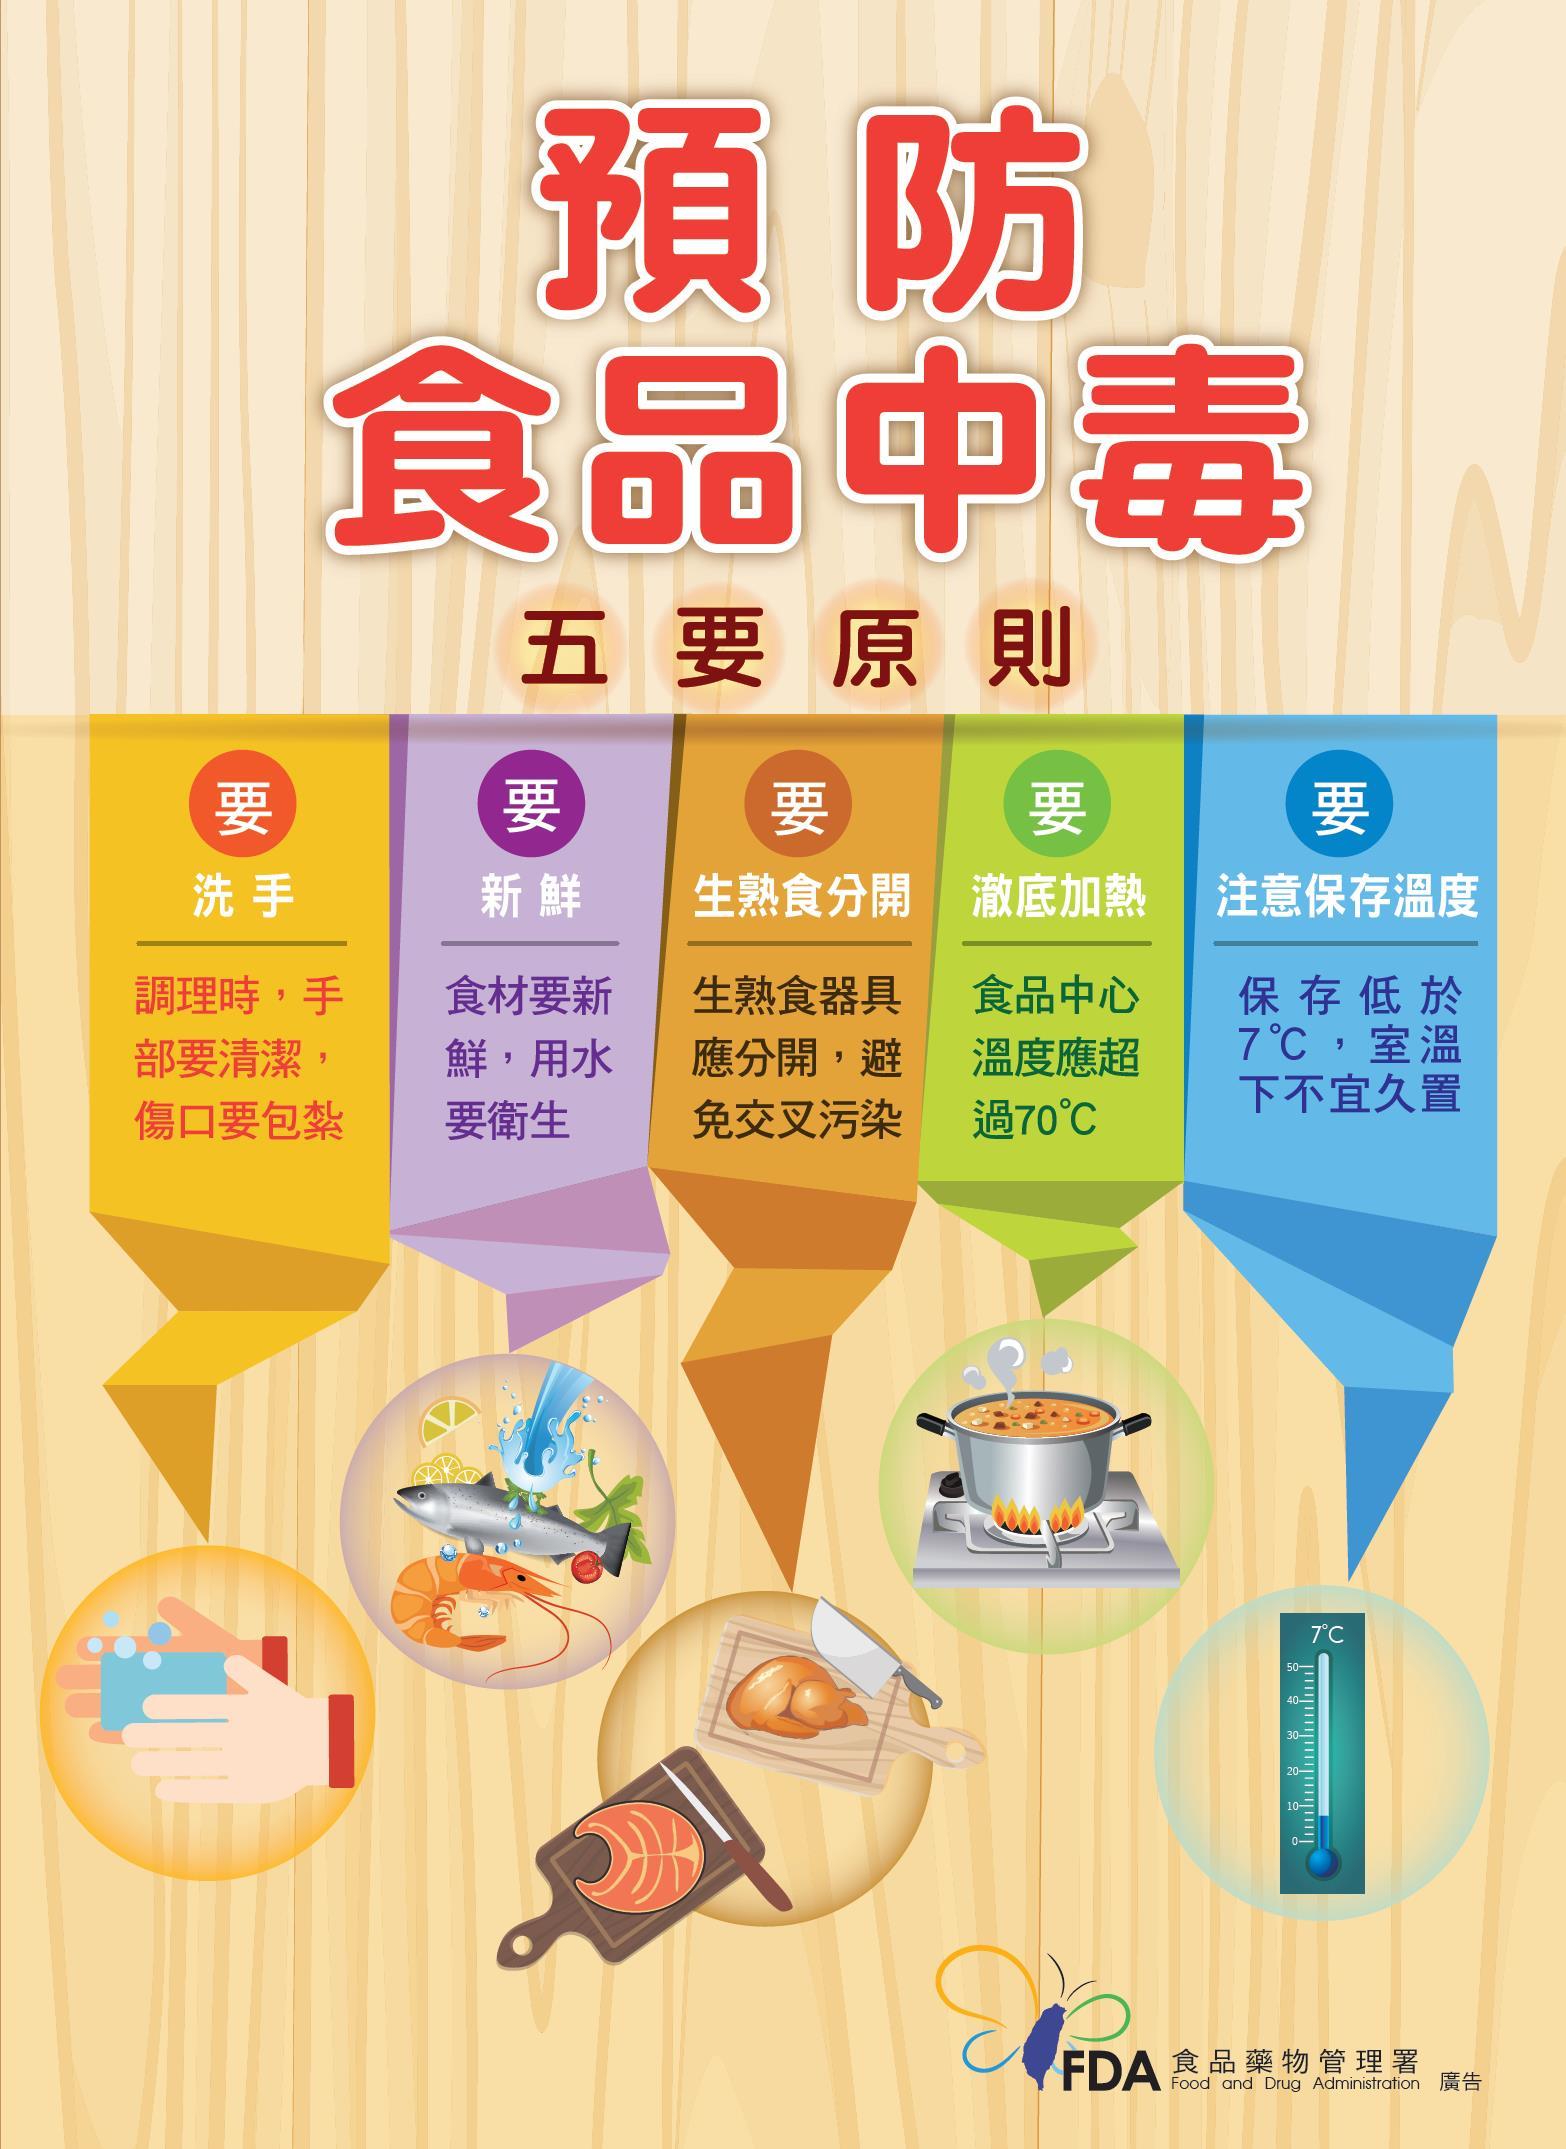 預防食品中毒五要